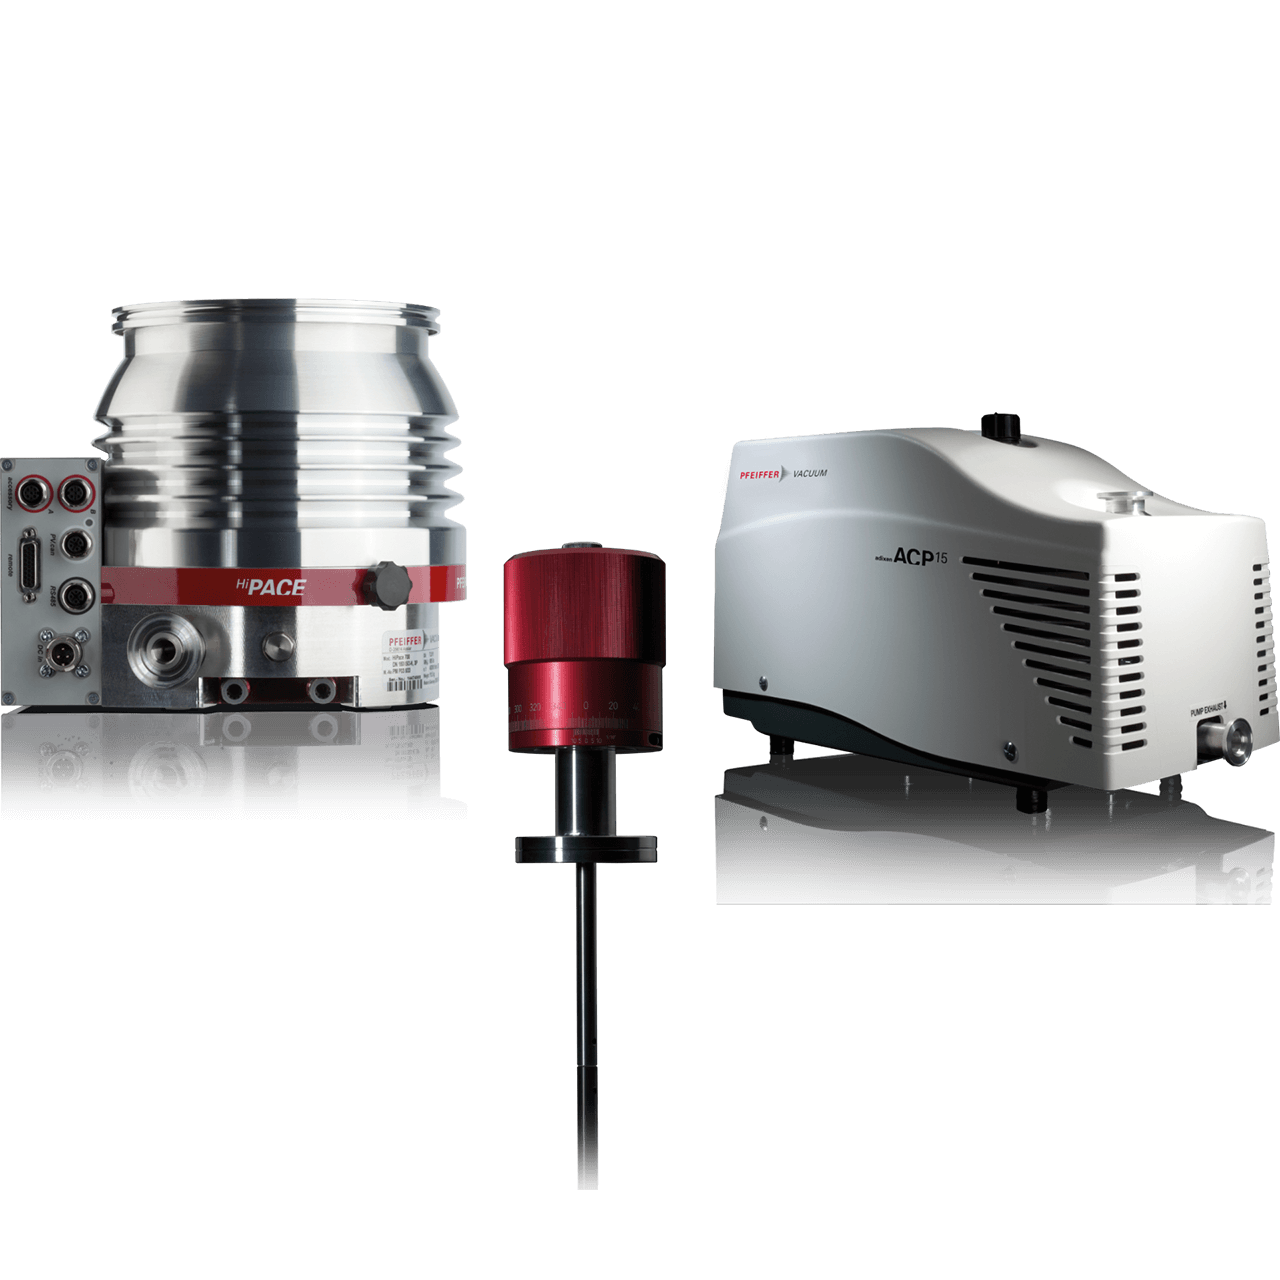 Vorpumpen, Turbopumpen und weitere Anwendungen im Hochvakuum